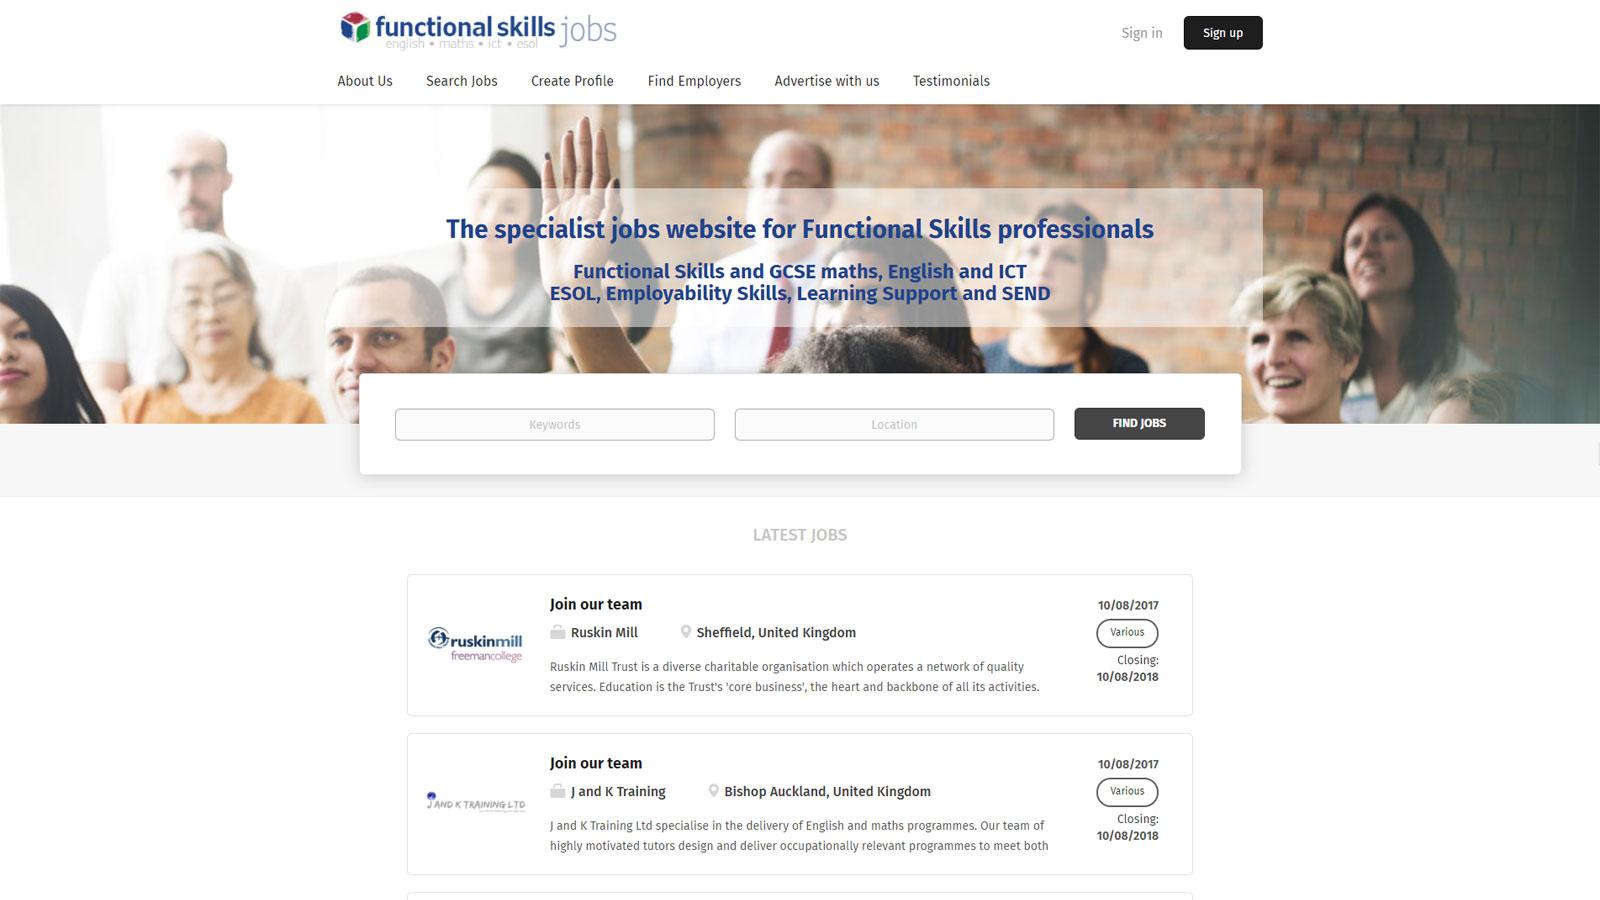 www.functionalskillsjobs.uk